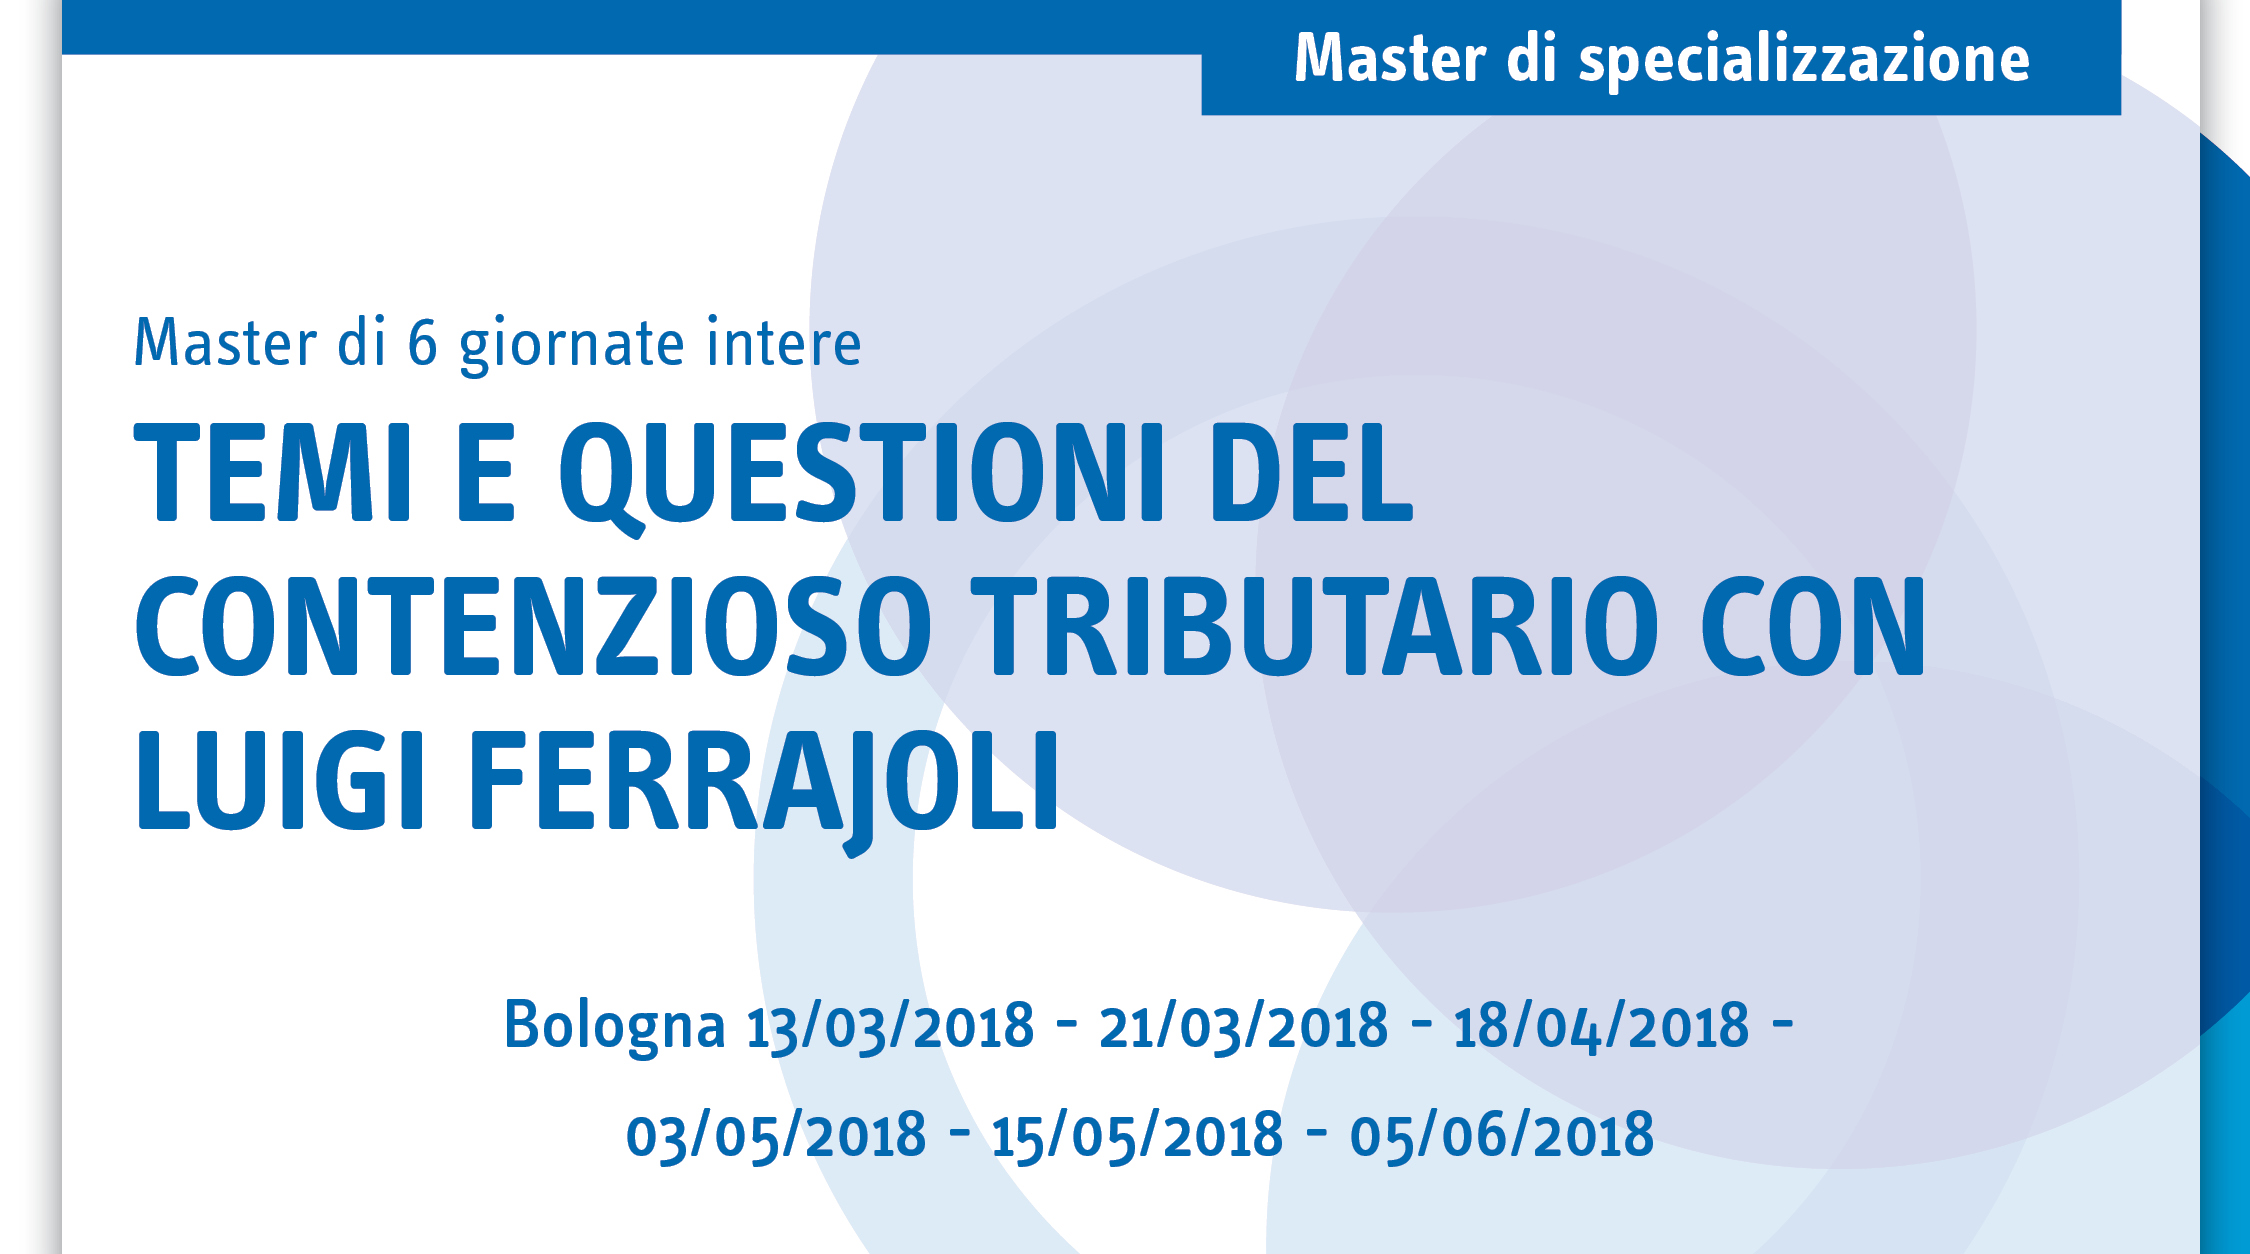 Temi e questioni del contenzioso tributario con Luigi Ferrajoli